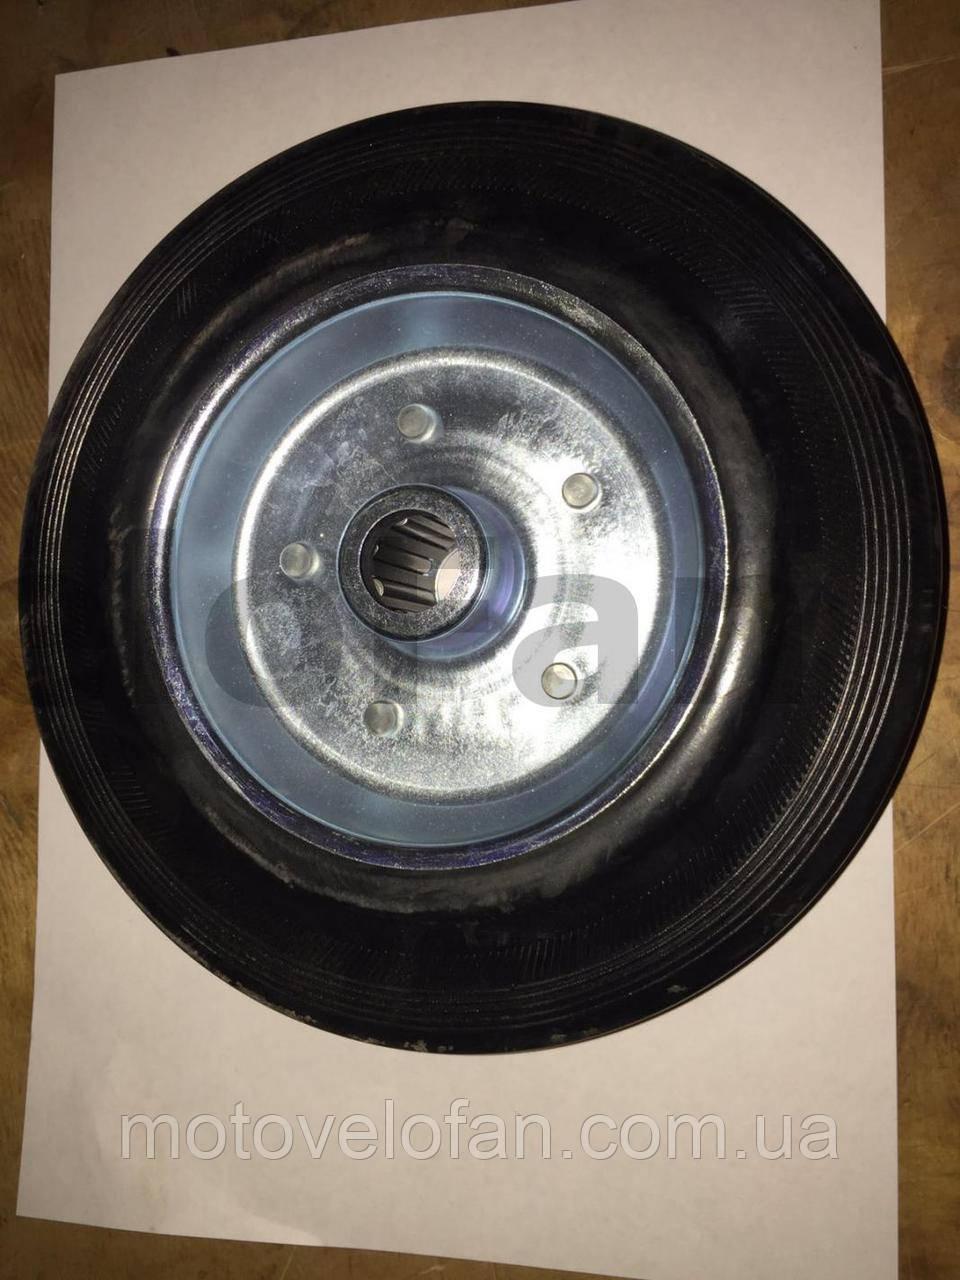 Колесо для тачек и платформ (литая резина)   (200mm, ступица 60mm, под ось 20mm)   ELIT